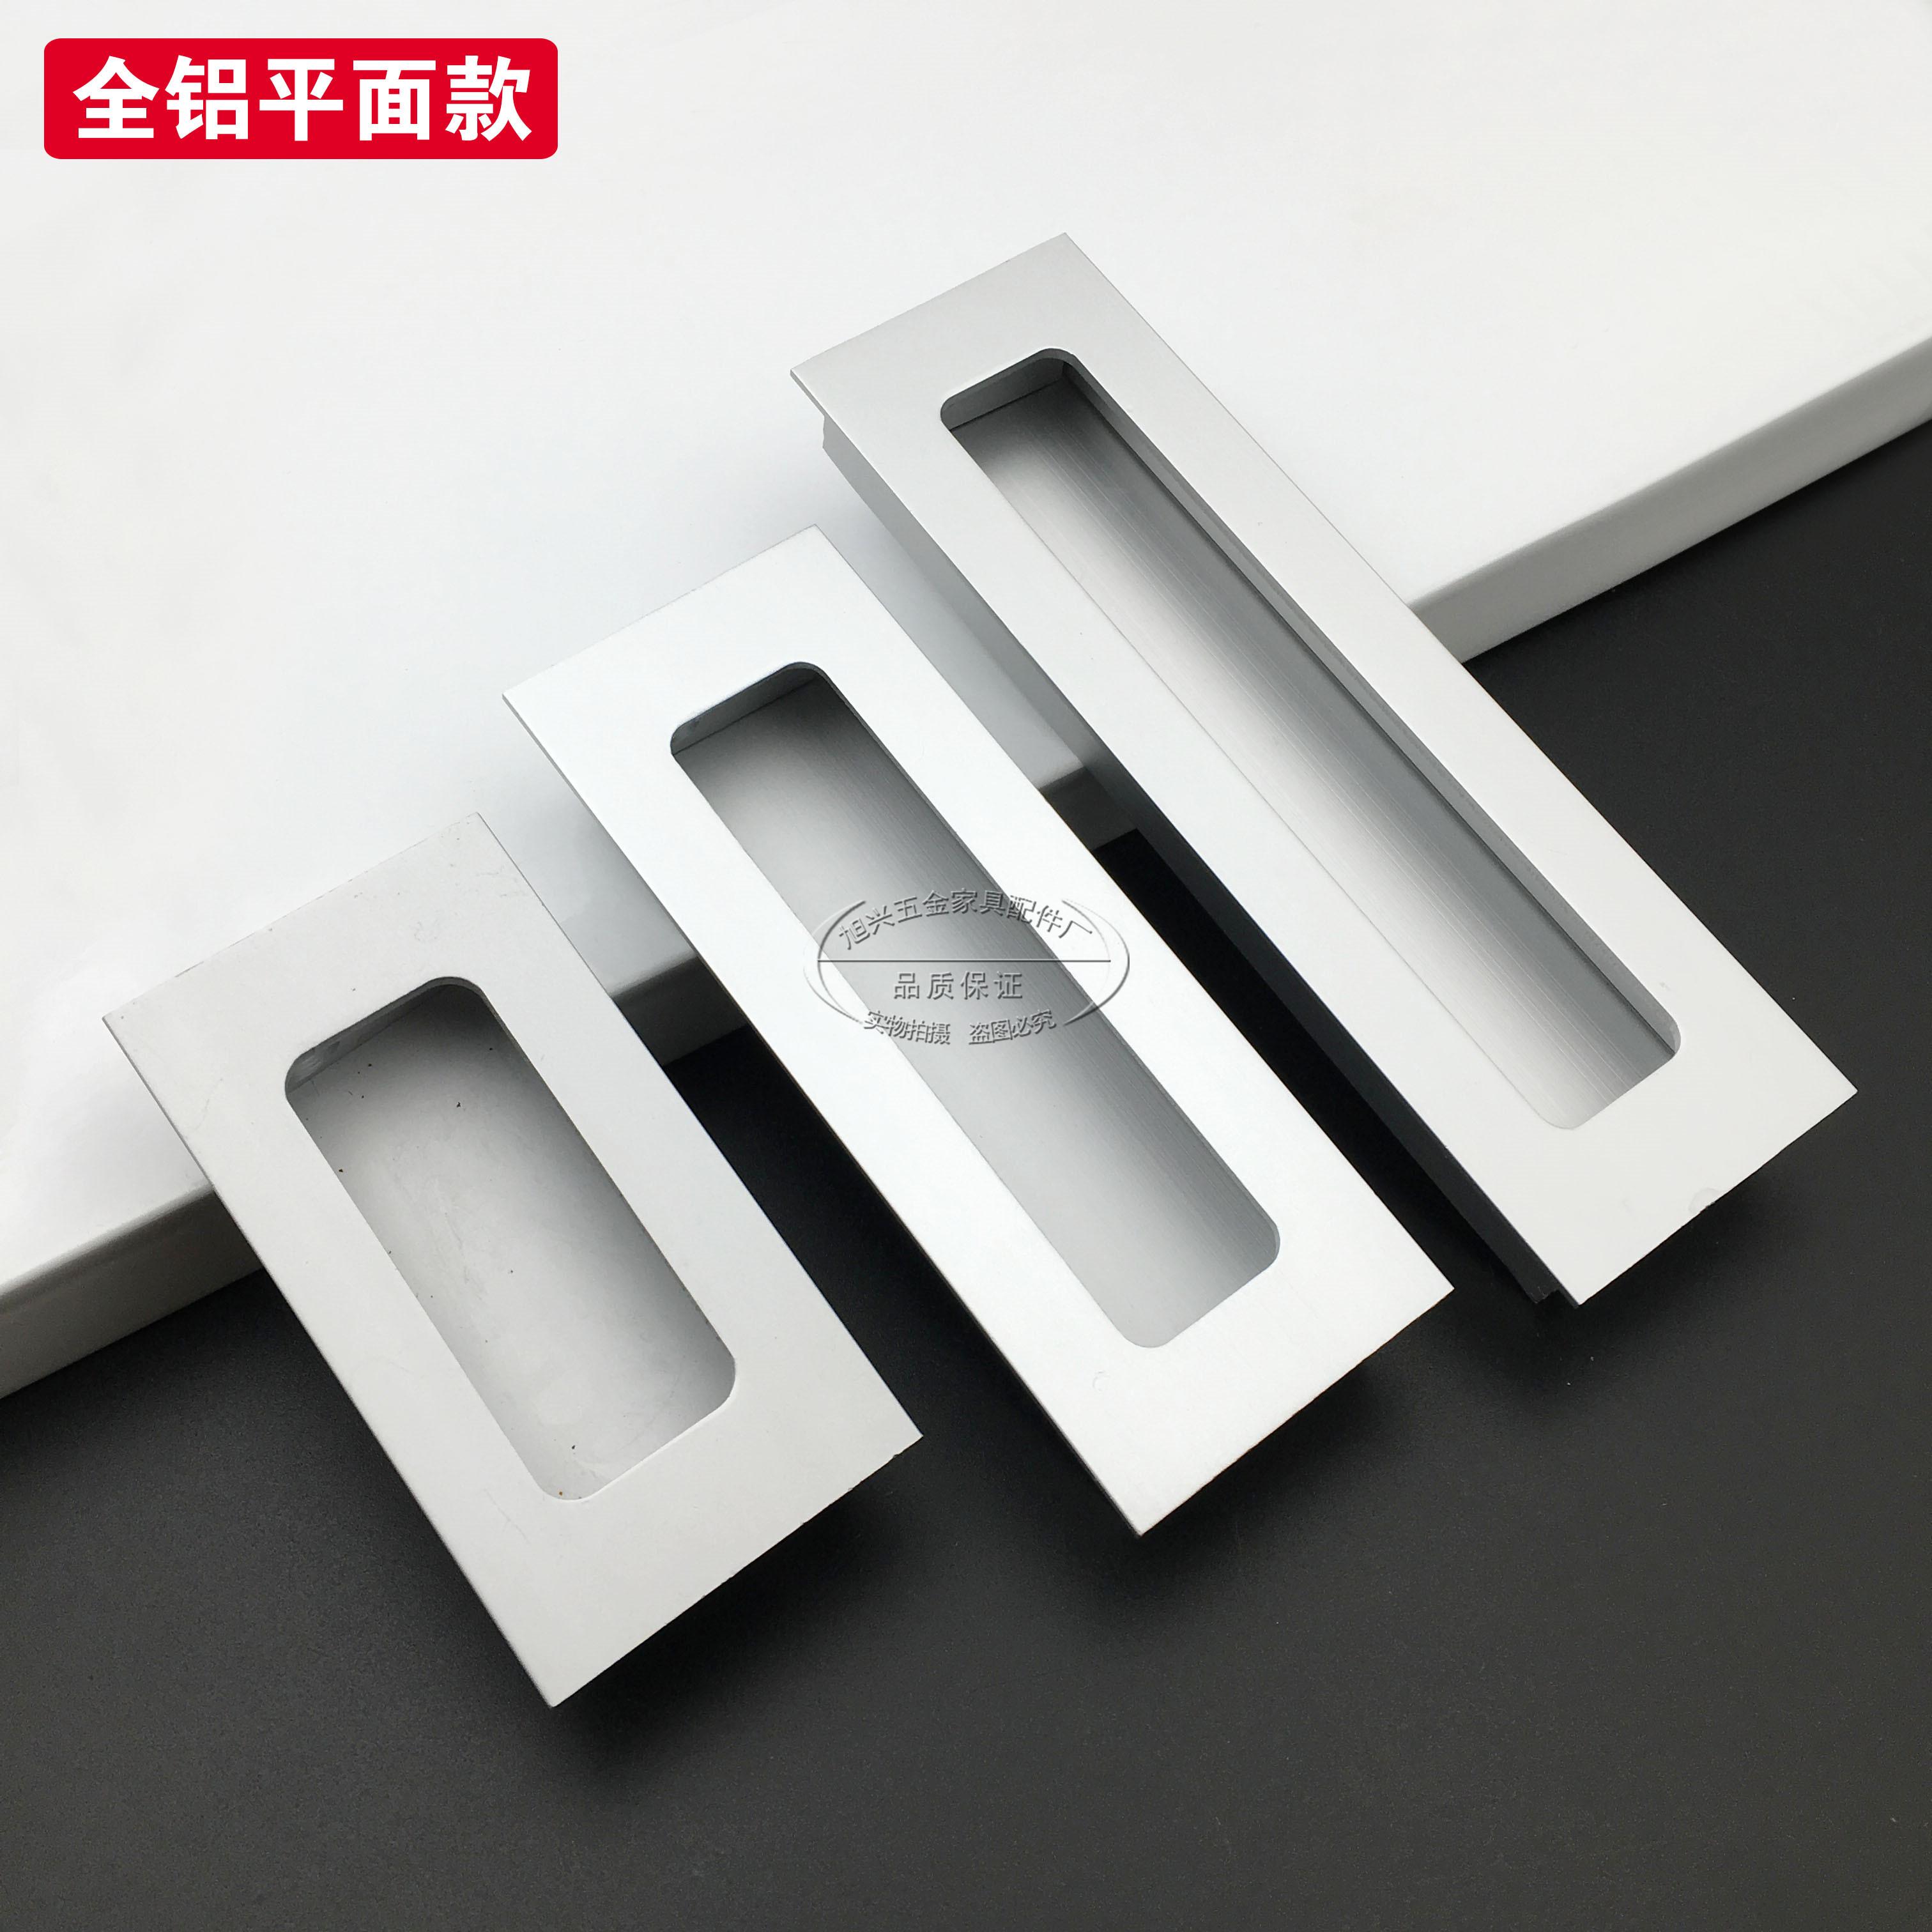 暗装拉手抽屉拉手现代太空铝内嵌拉手移门开槽嵌入式铝合金扣手